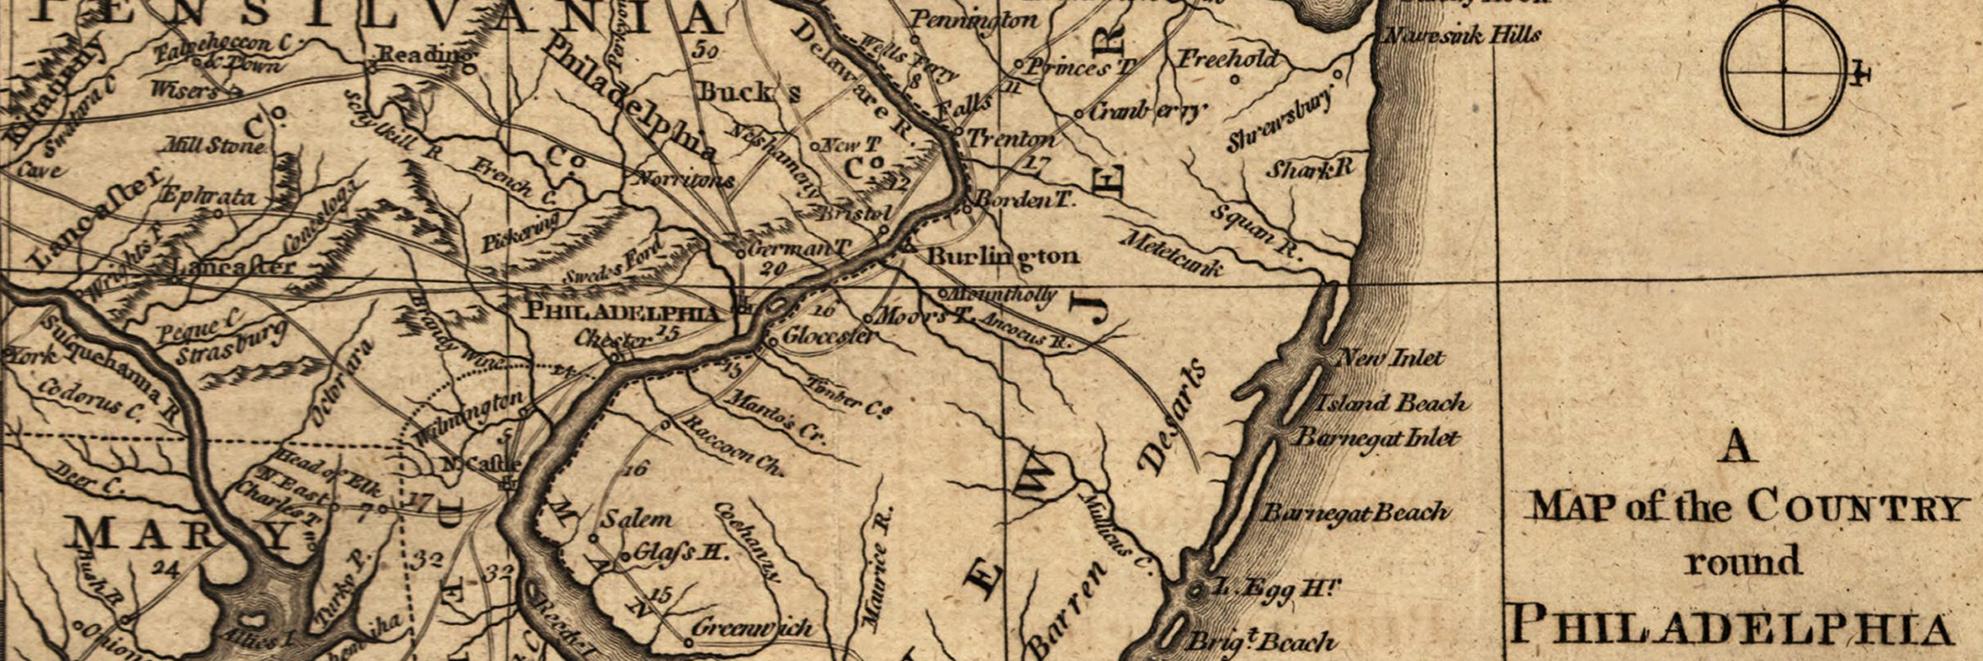 Philadelphia region 1776